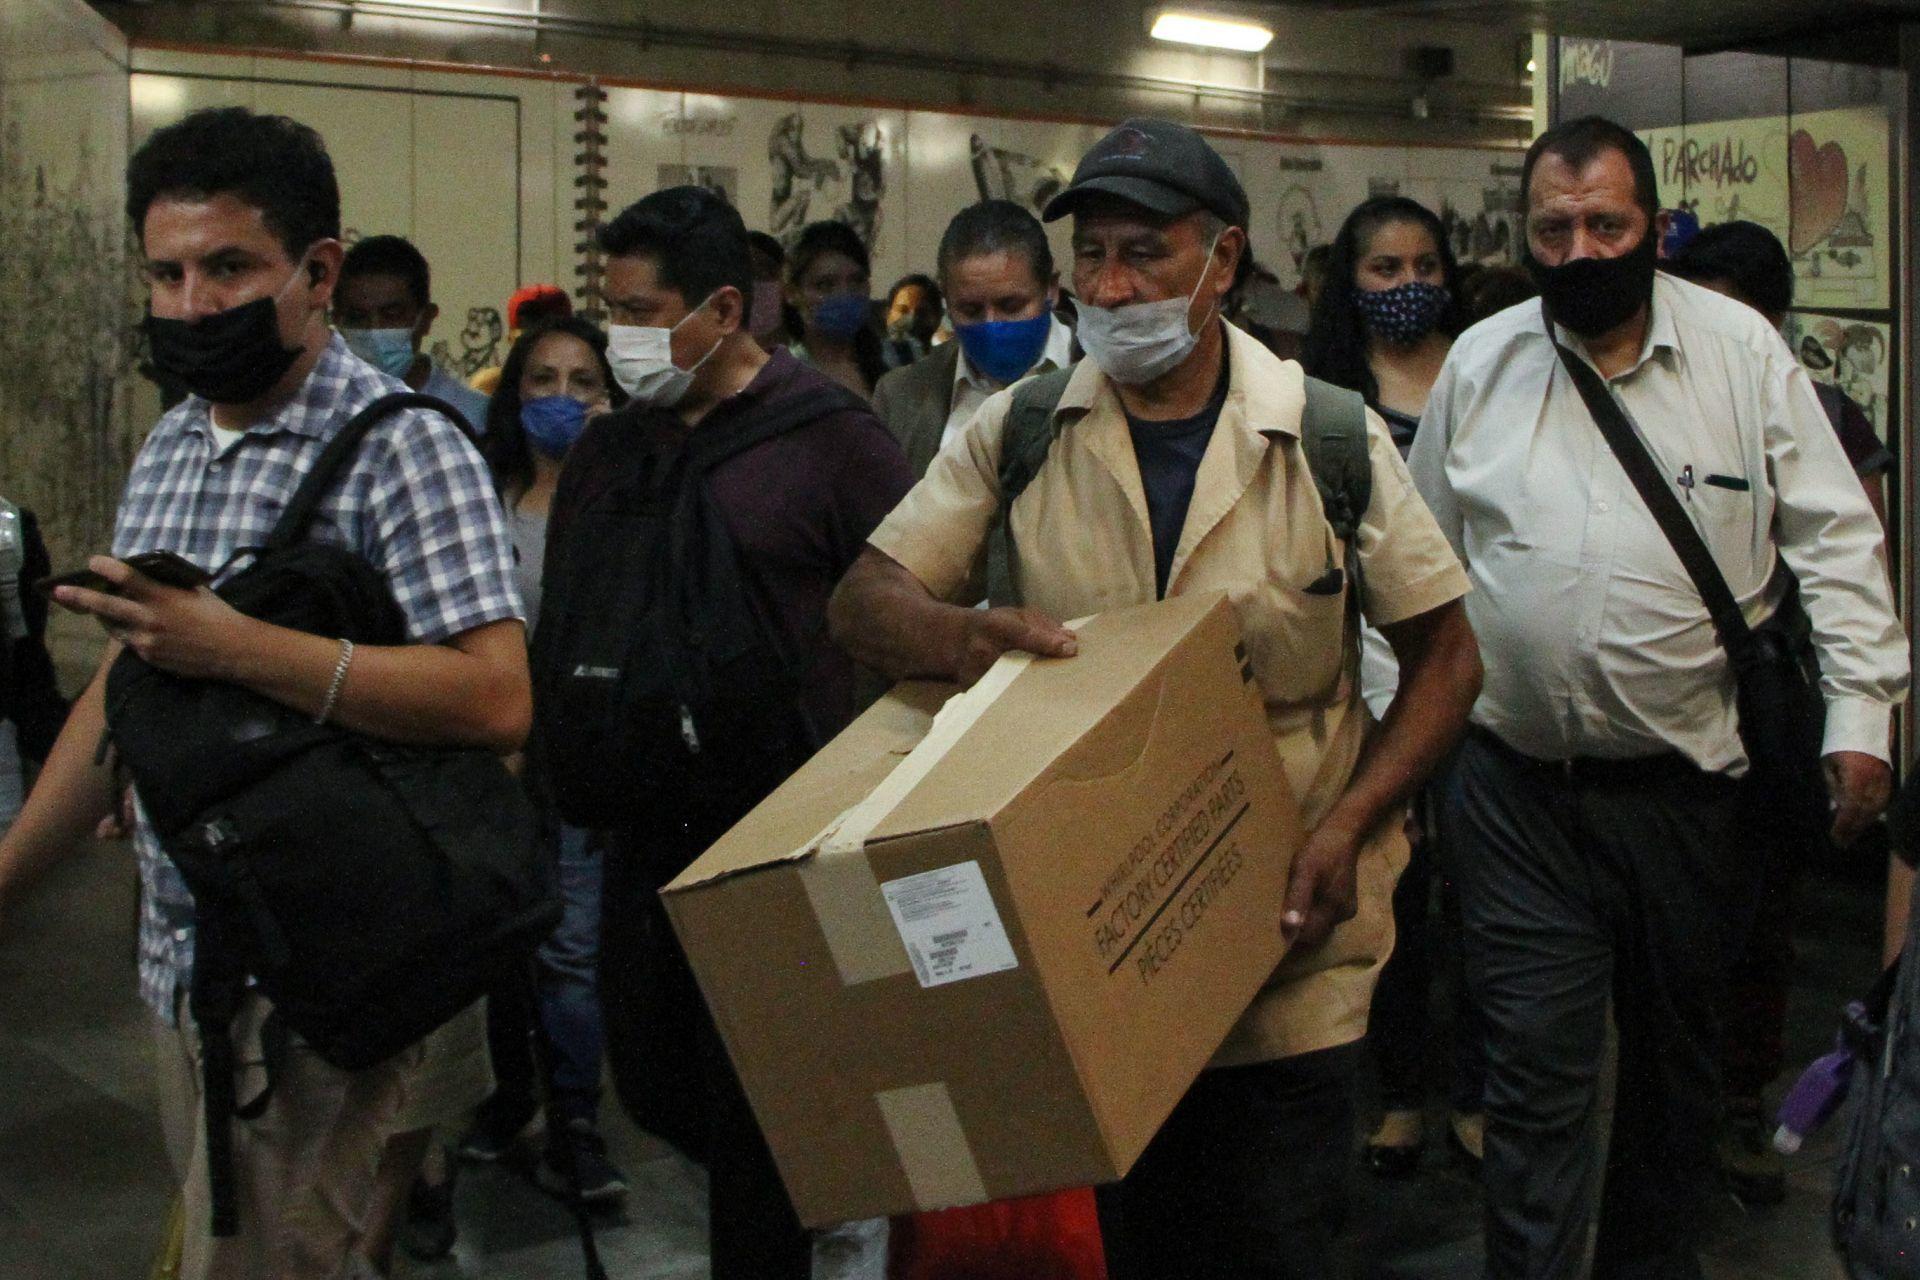 México confirmó primer caso de persona infectada con COVID-19 e Influenza AH1N1